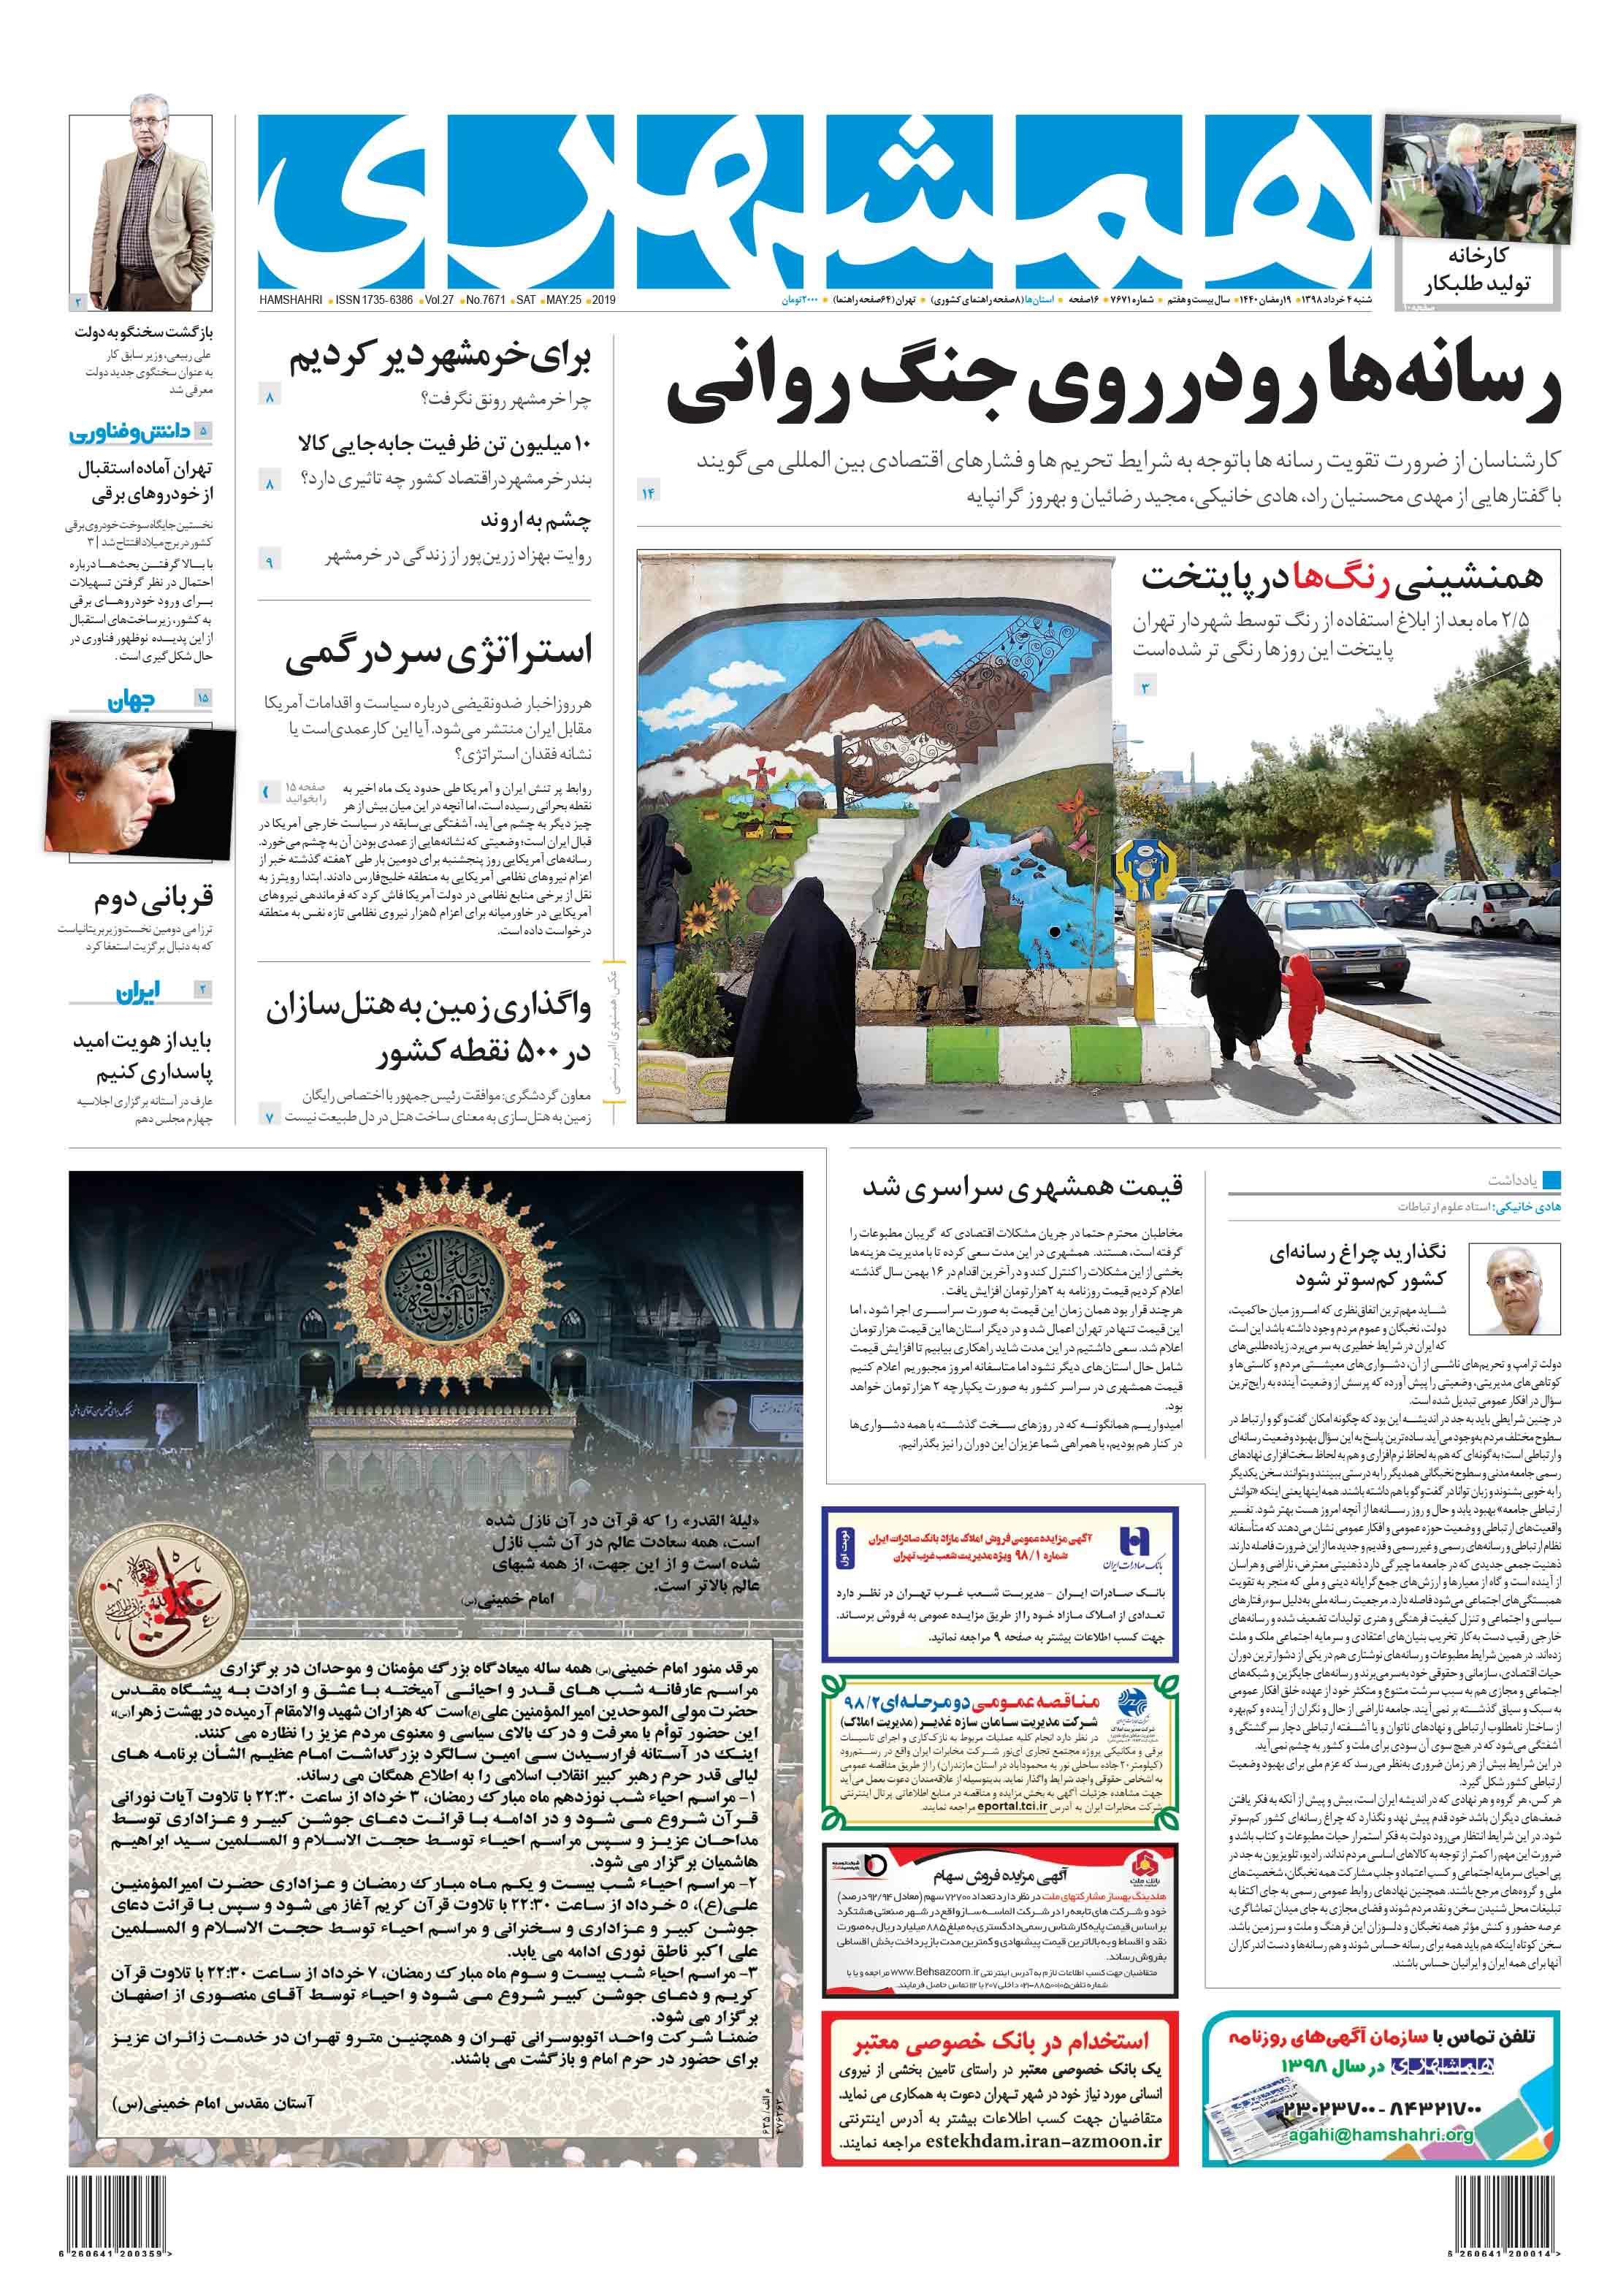 صفحه اول شنبه 4 خرداد 1398